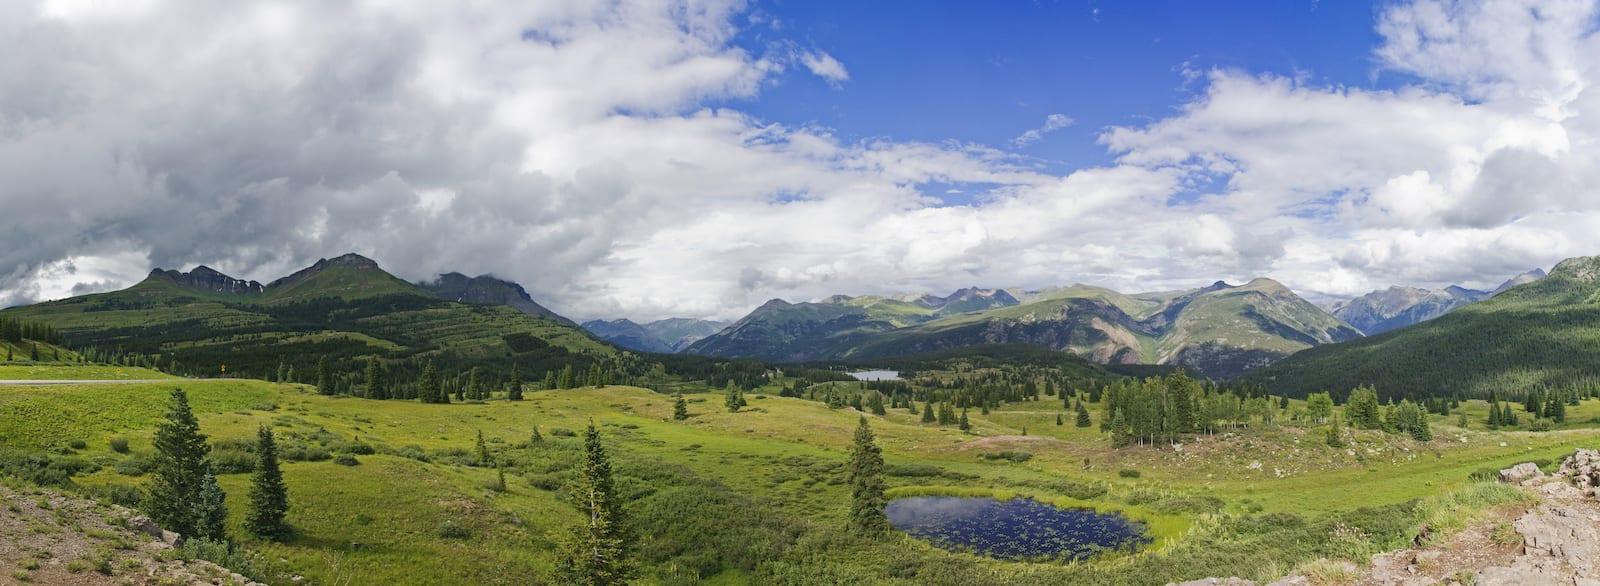 Molas Pass, CO